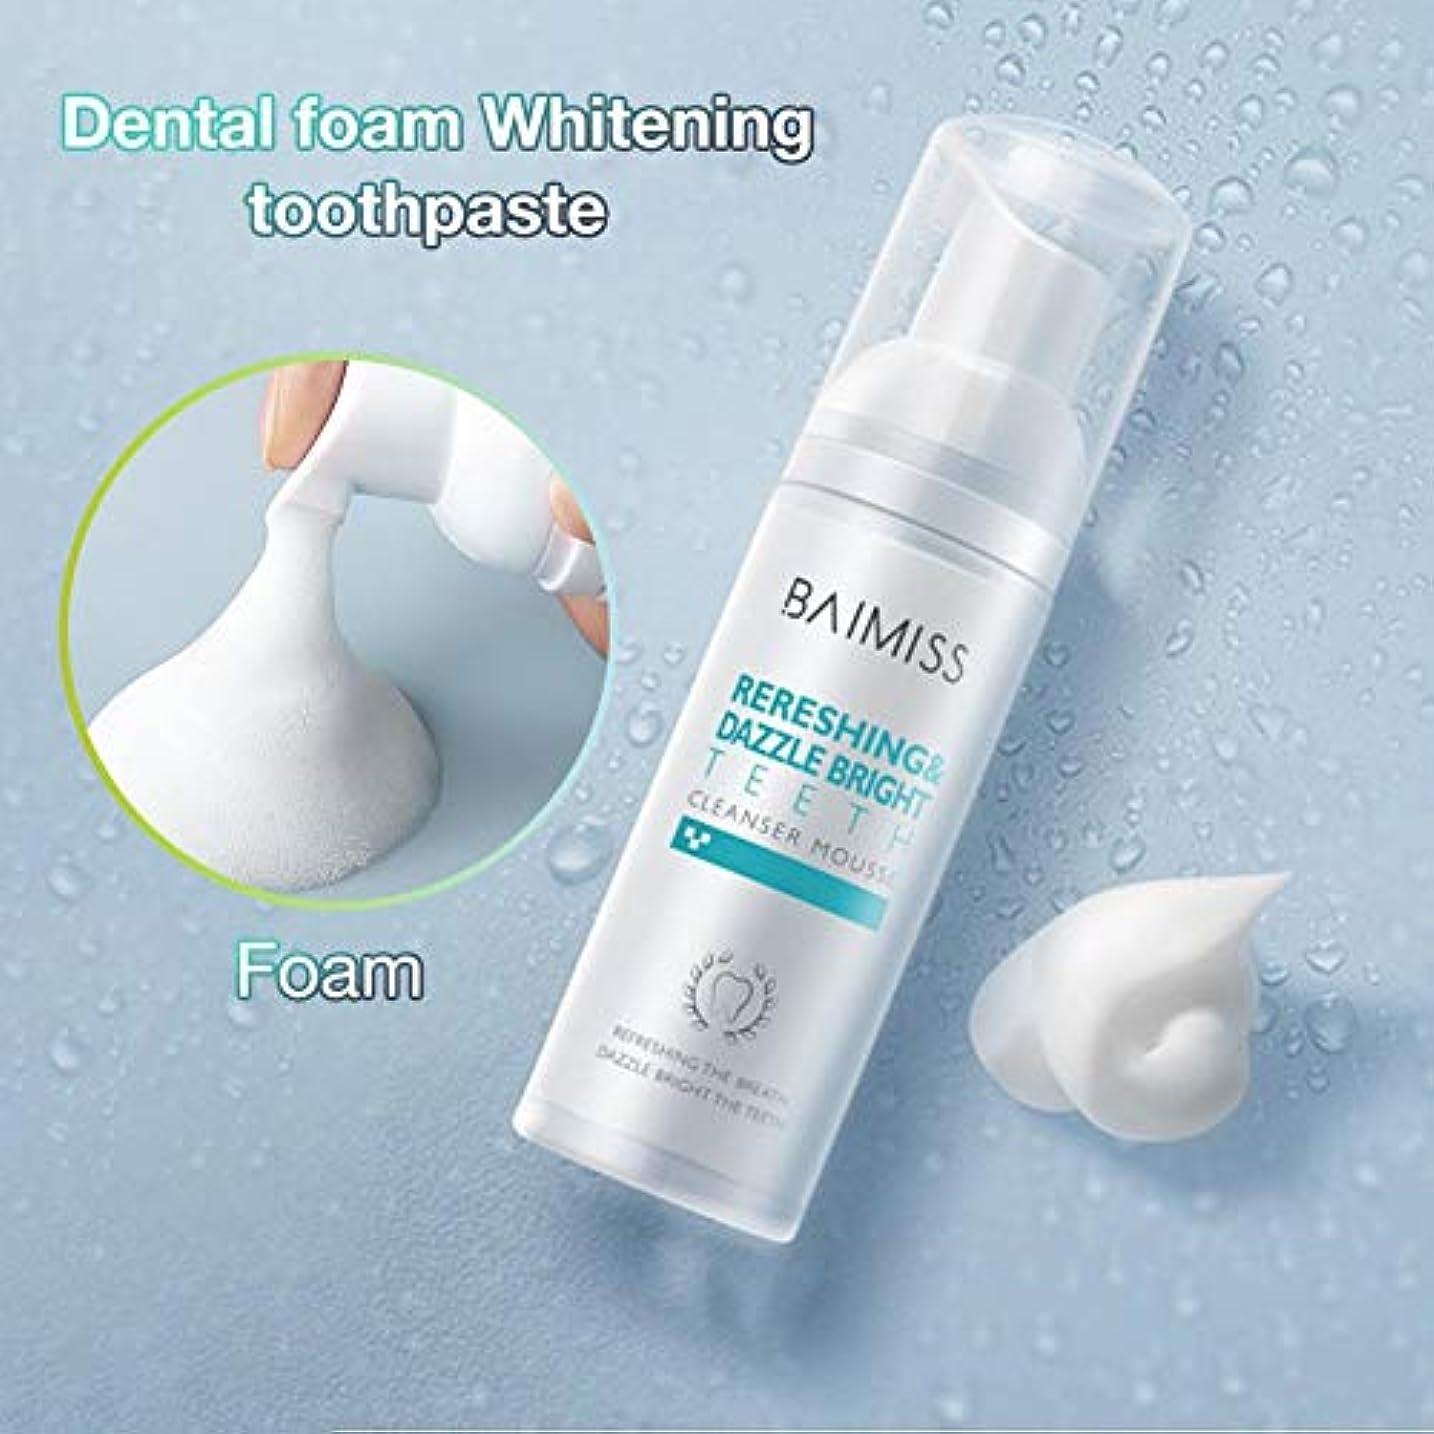 ペックショートマーキー歯科用フォーム液体歯磨 クリアクリーン デンタル ホワイトニング マウスウォッシュ 口内洗浄液 低刺激 60ml 口の自然な防御力を強化60ml